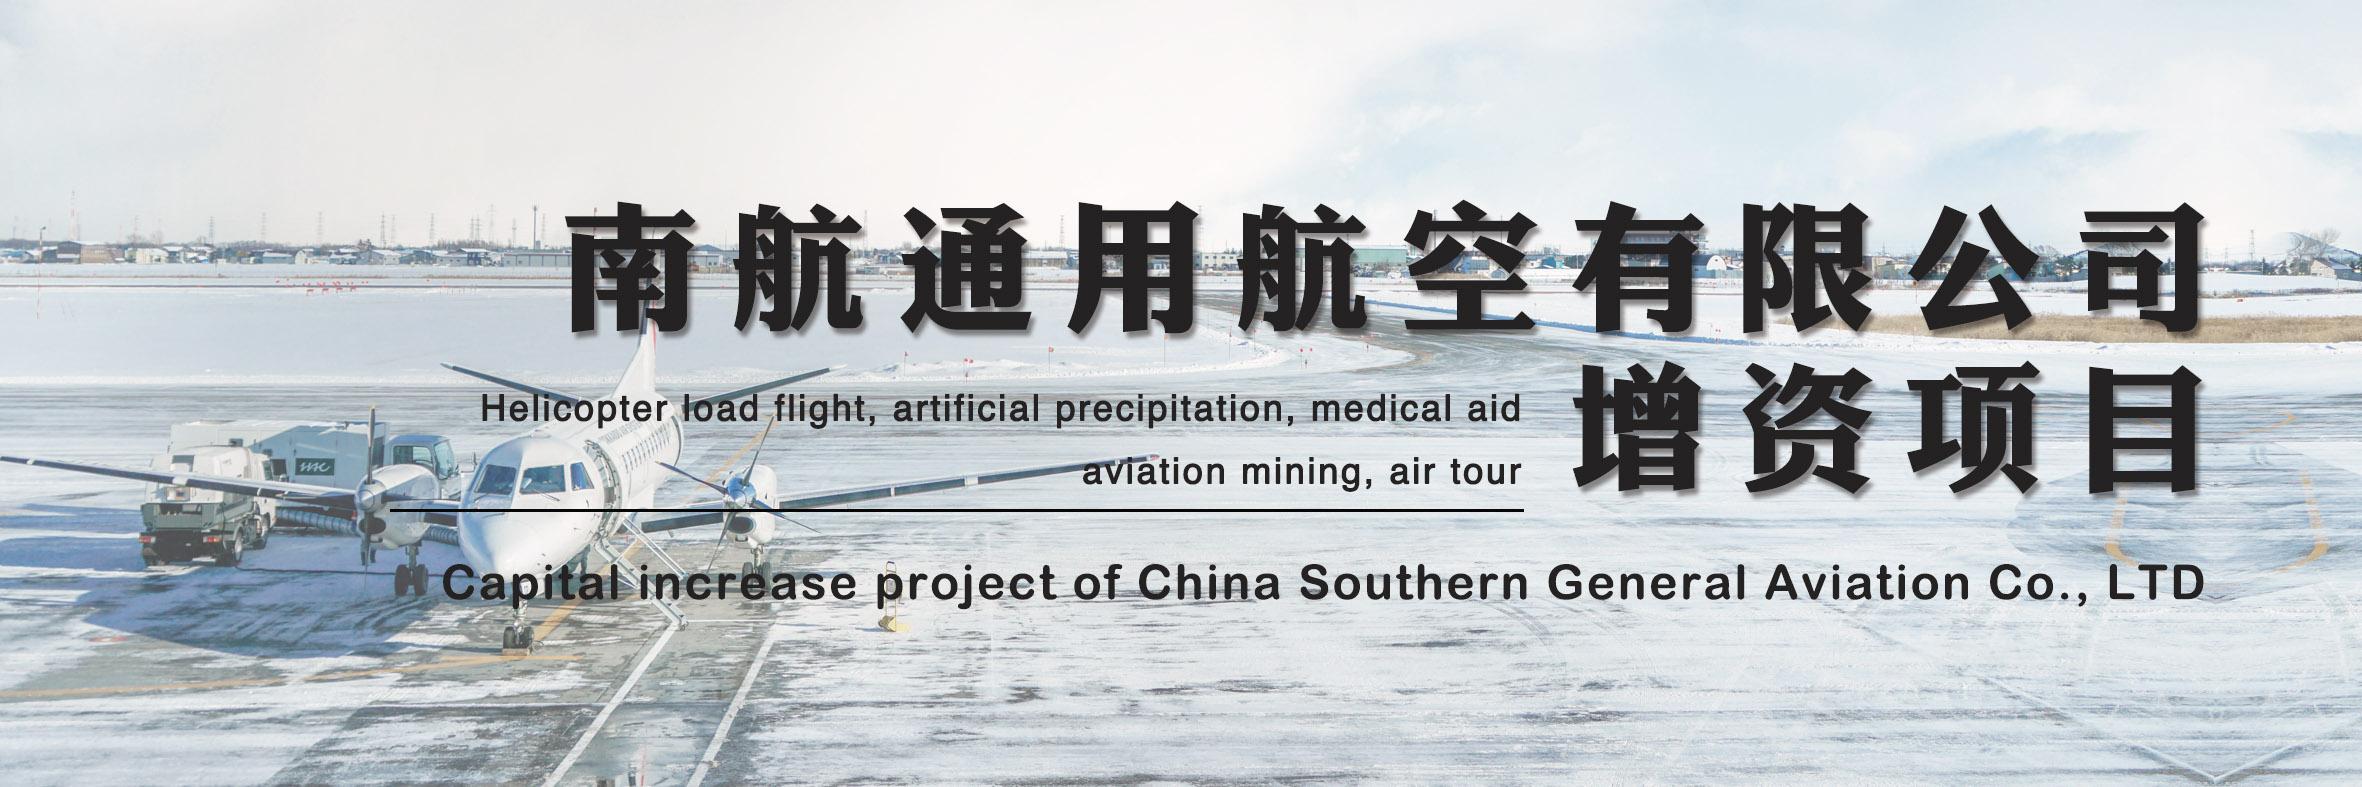 南航通用航空有限公司增资项目